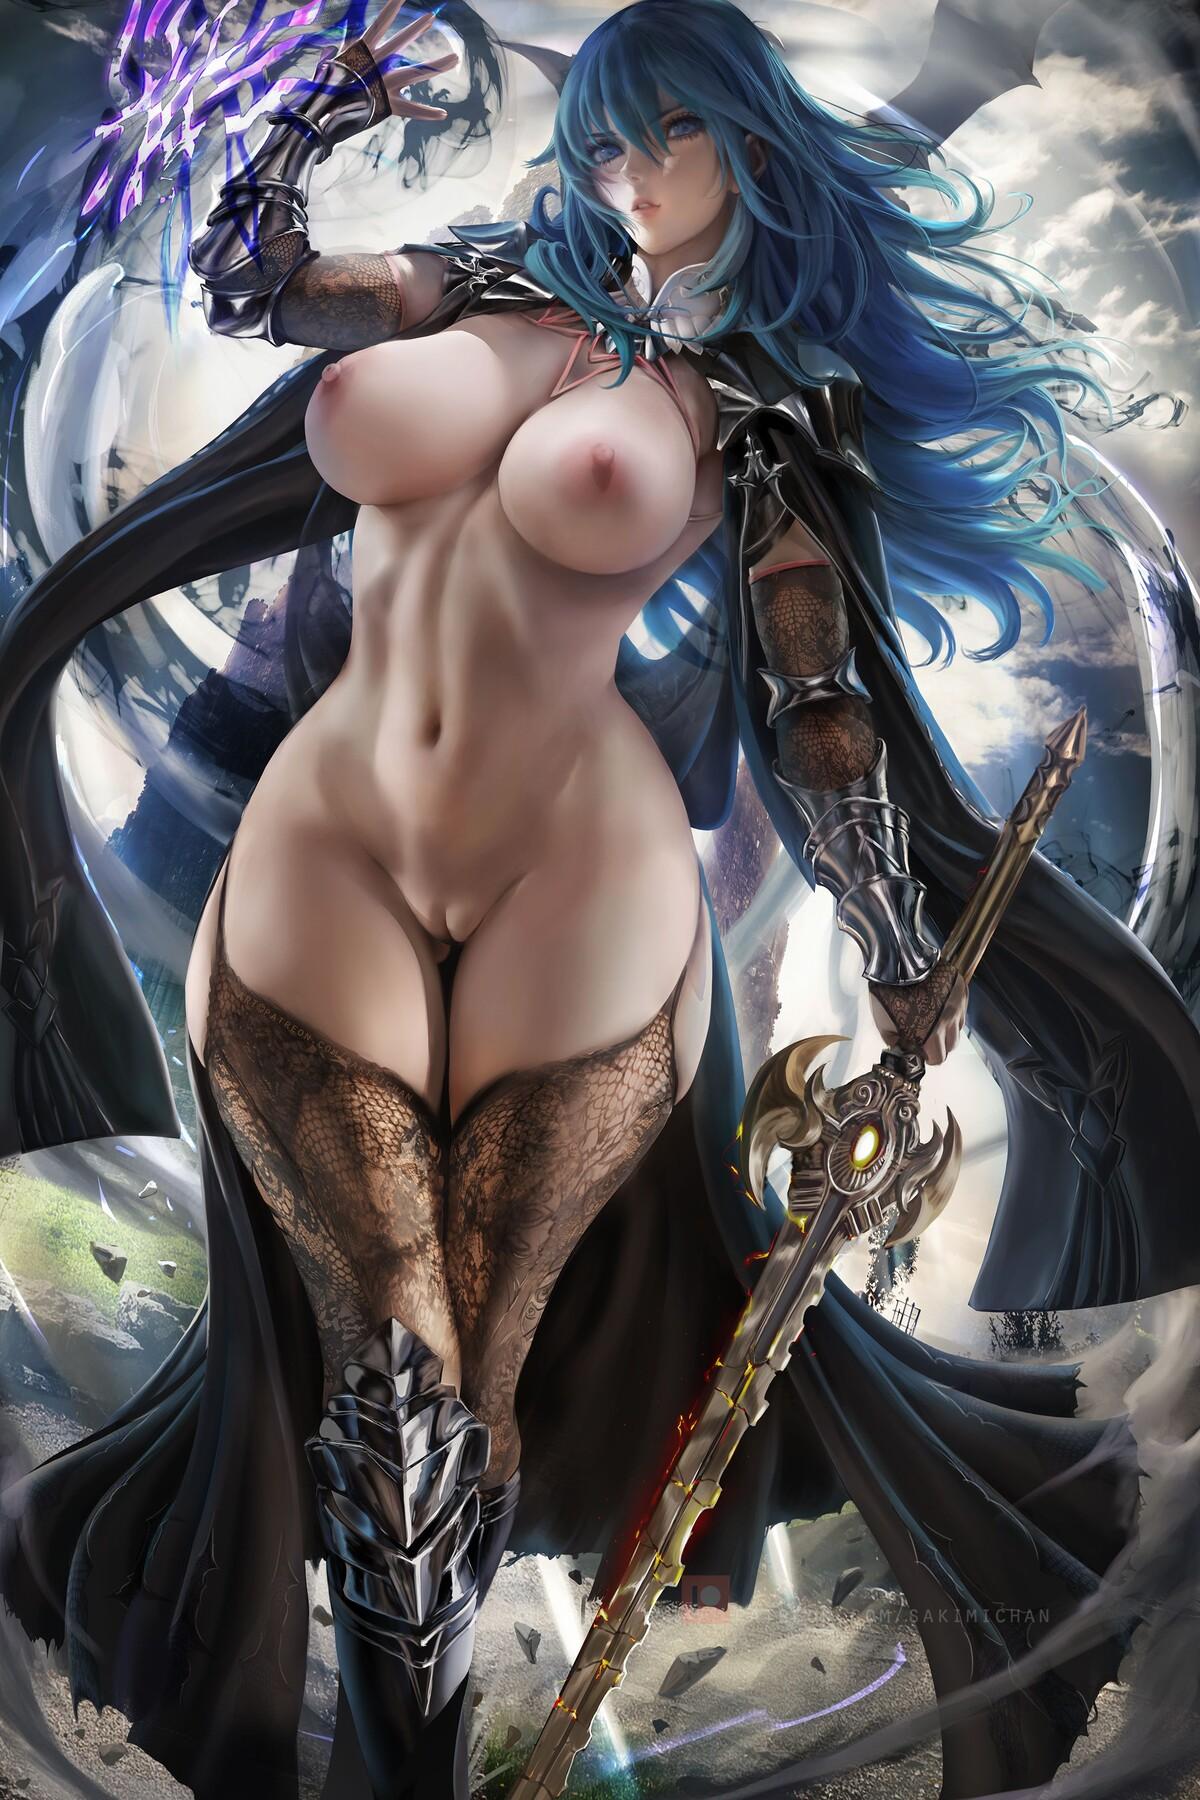 byleth_(fire_emblem)_(female)103